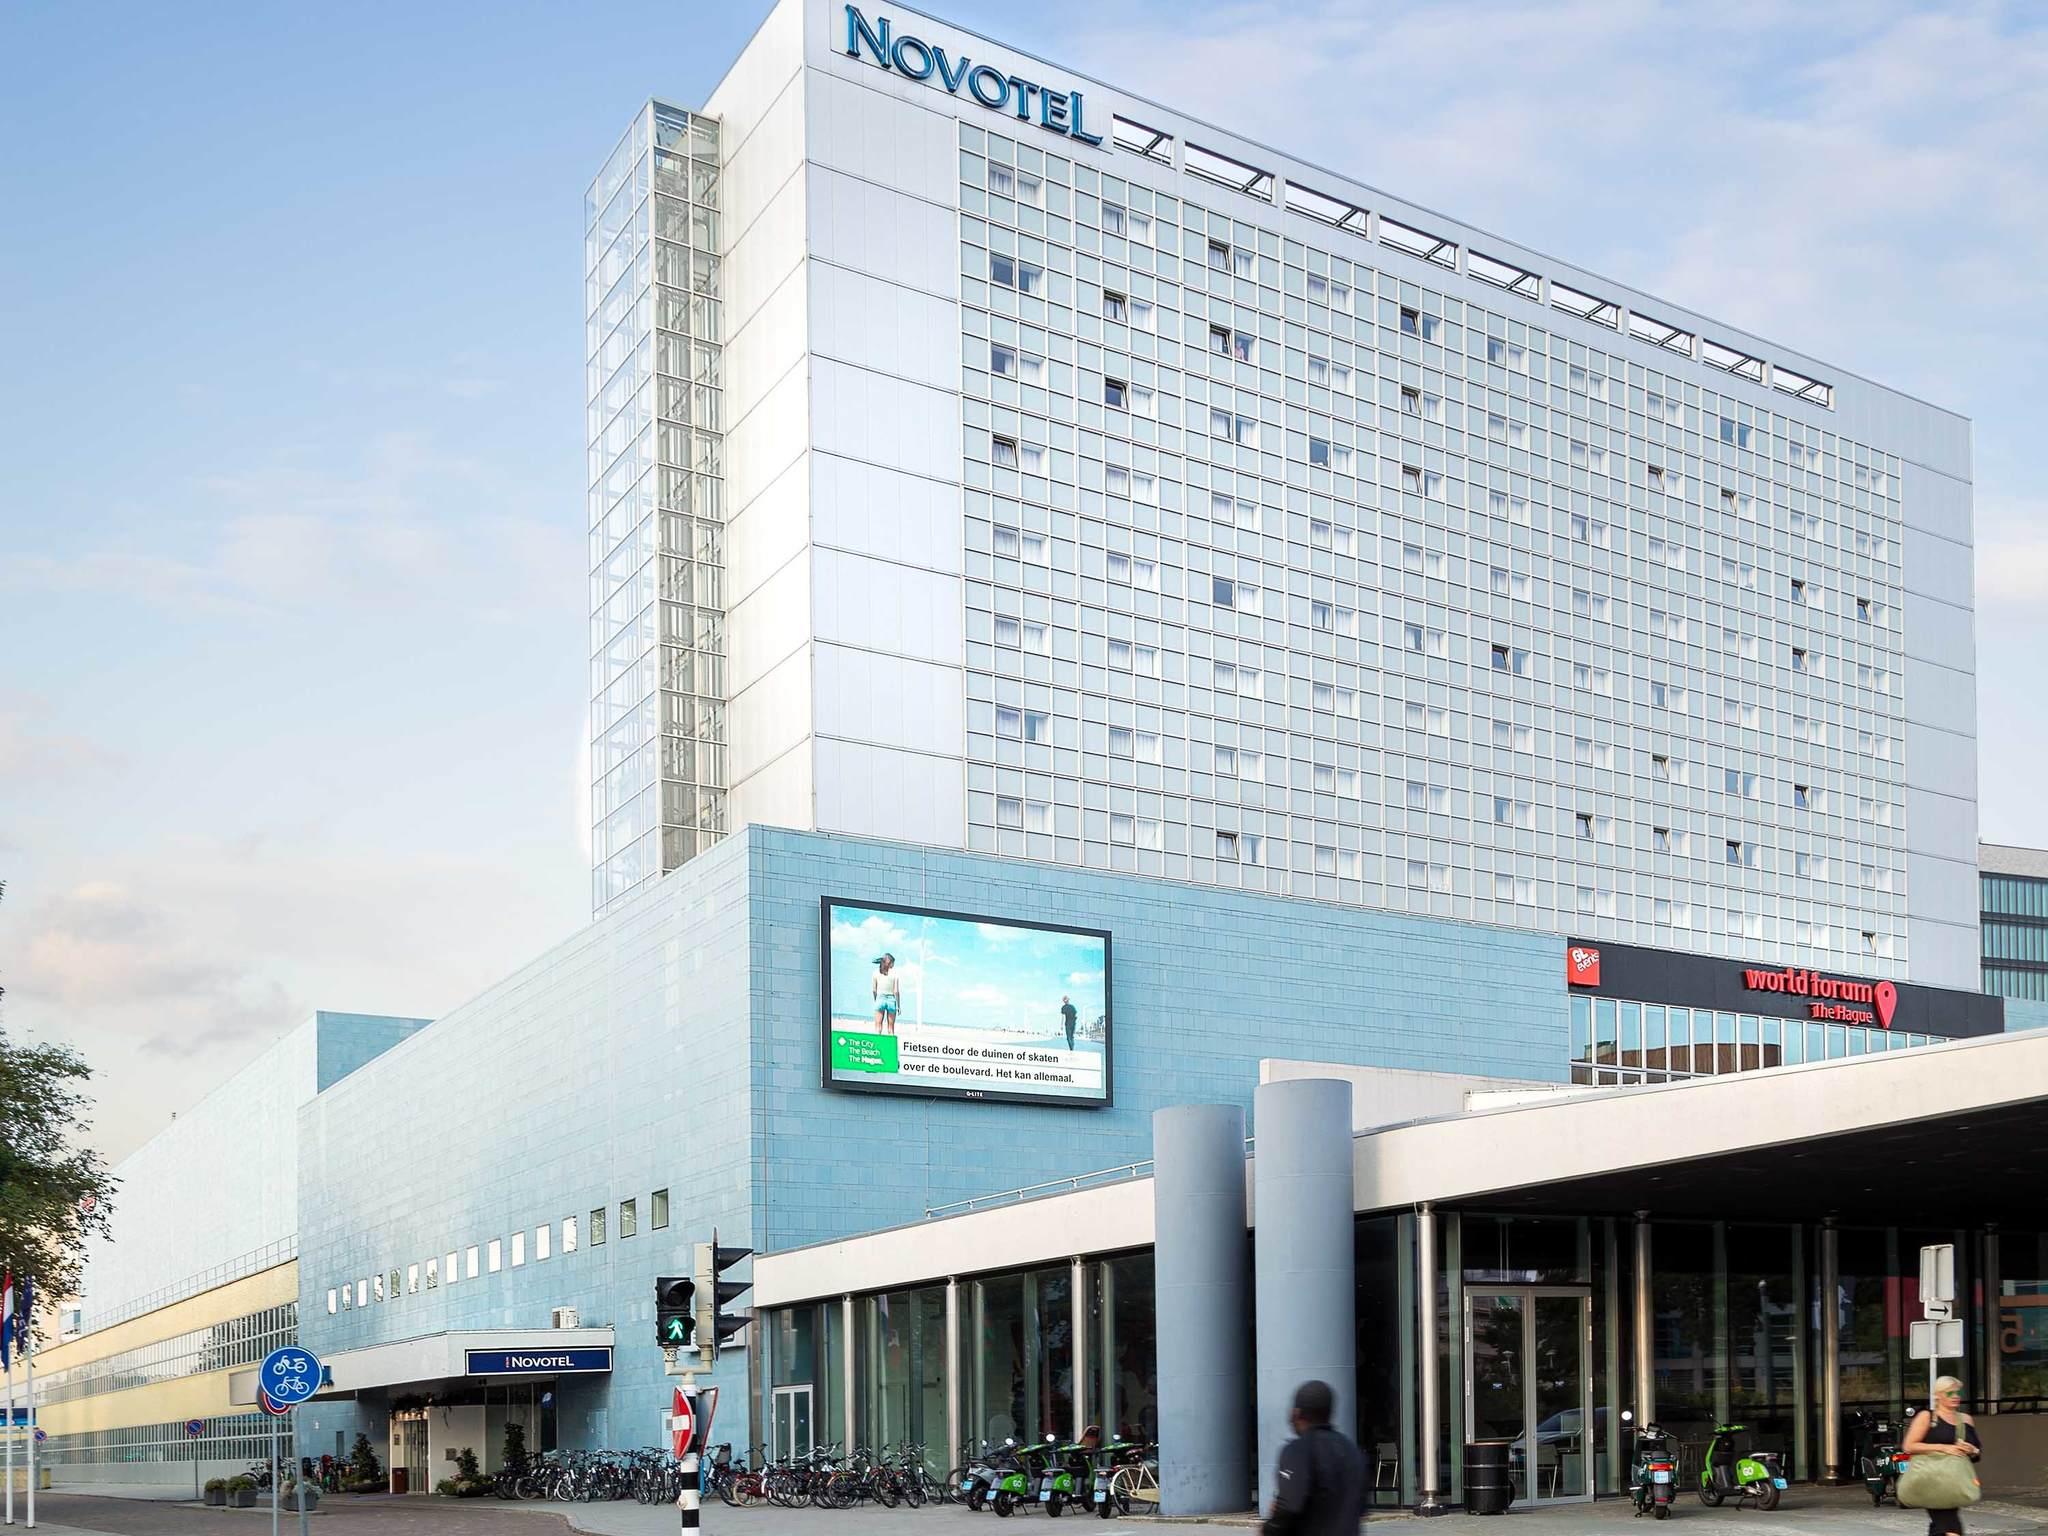 Hotel - Novotel Den Haag World Forum